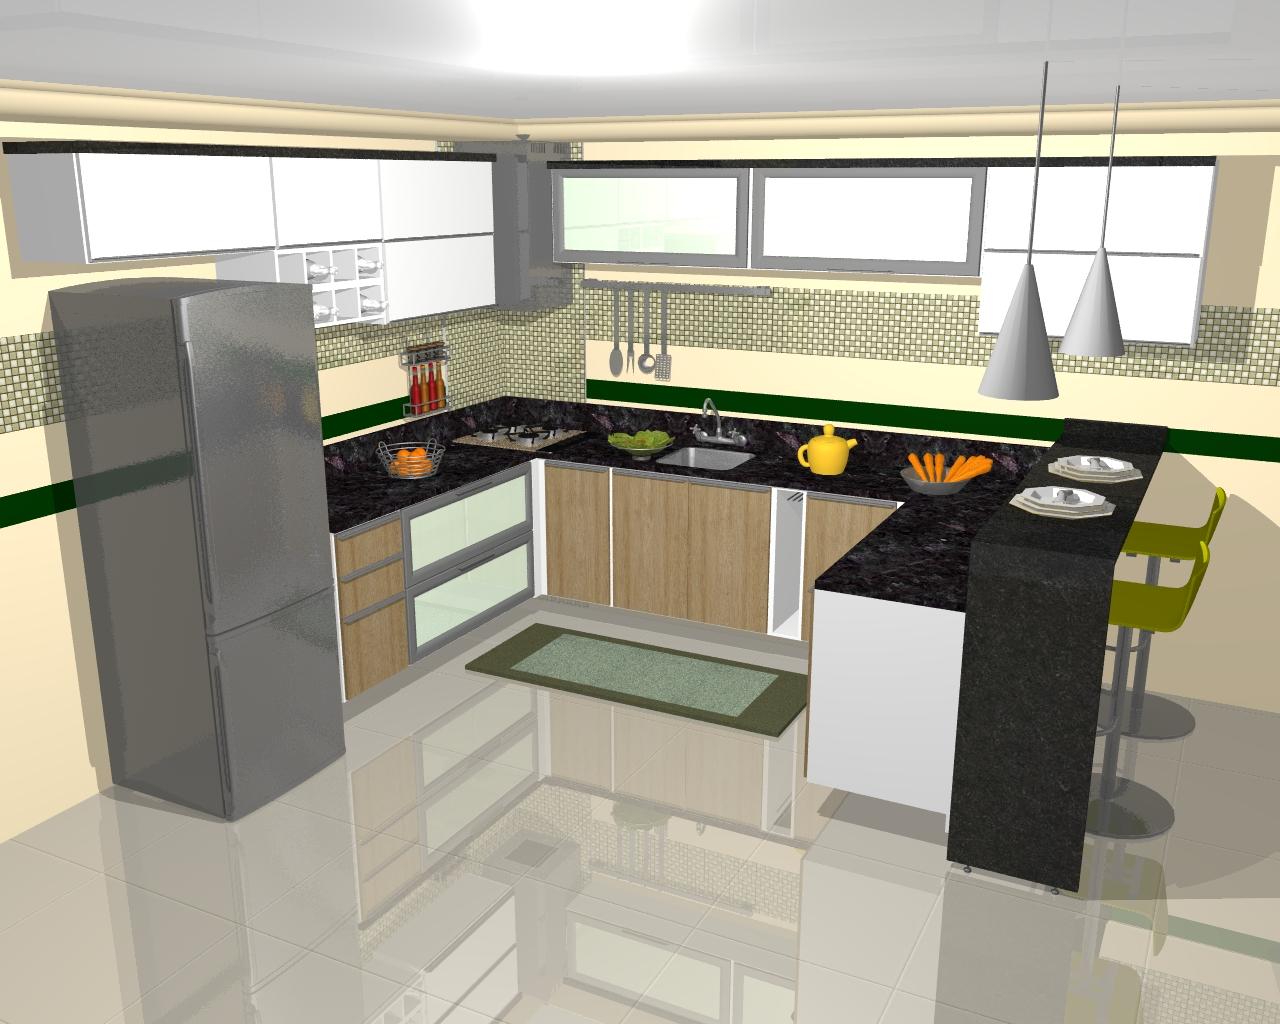 Cozinhas Projetadas Futura Ambientes #BD950E 1280 1024